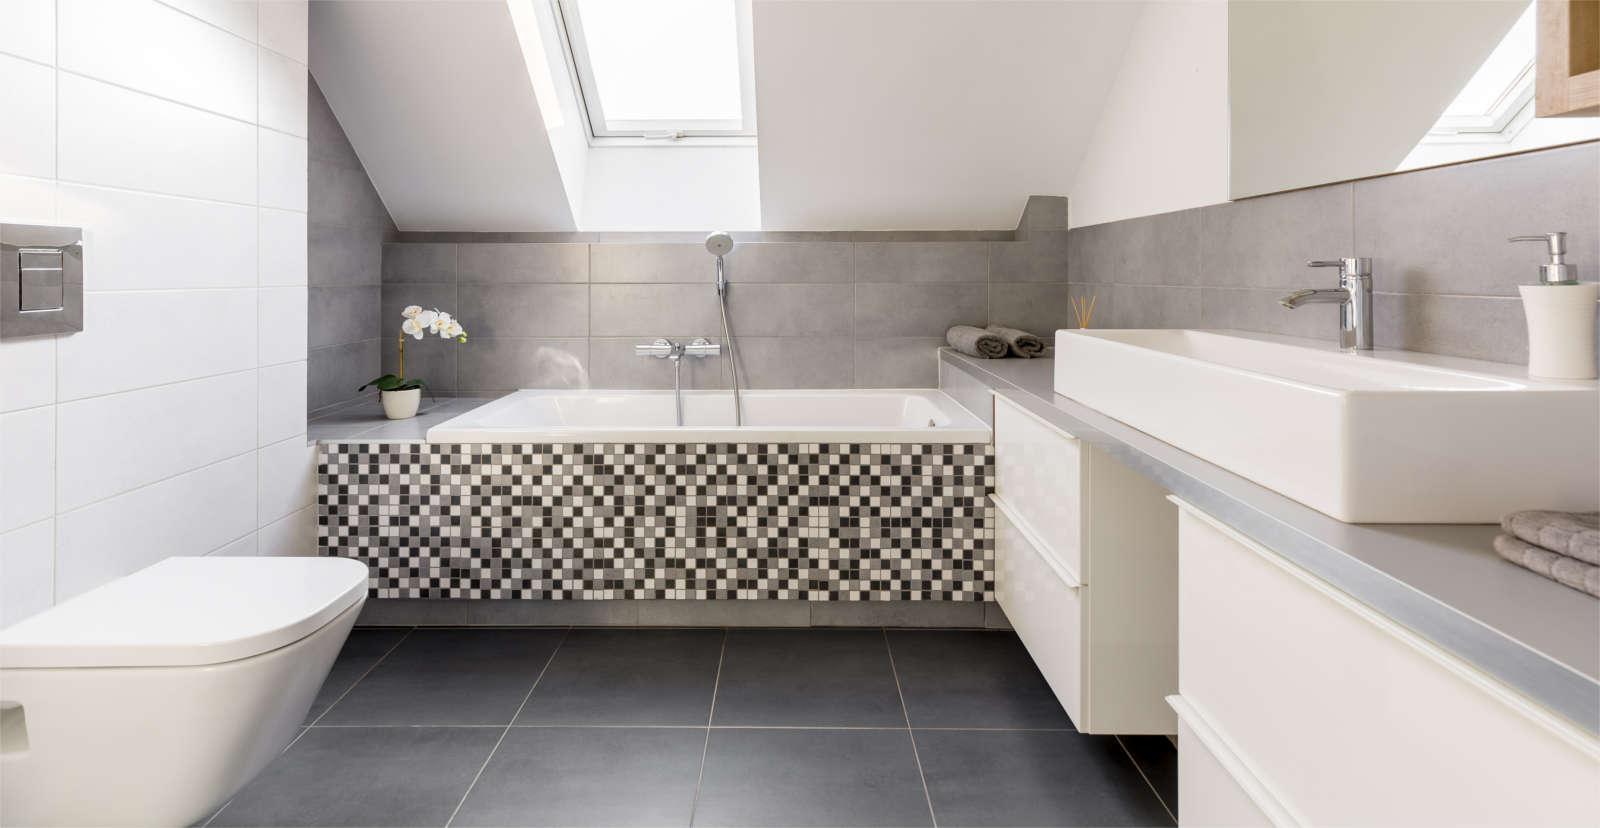 Regionale Angebote für Badezimmer kostenlos erhalten | Aroundhome